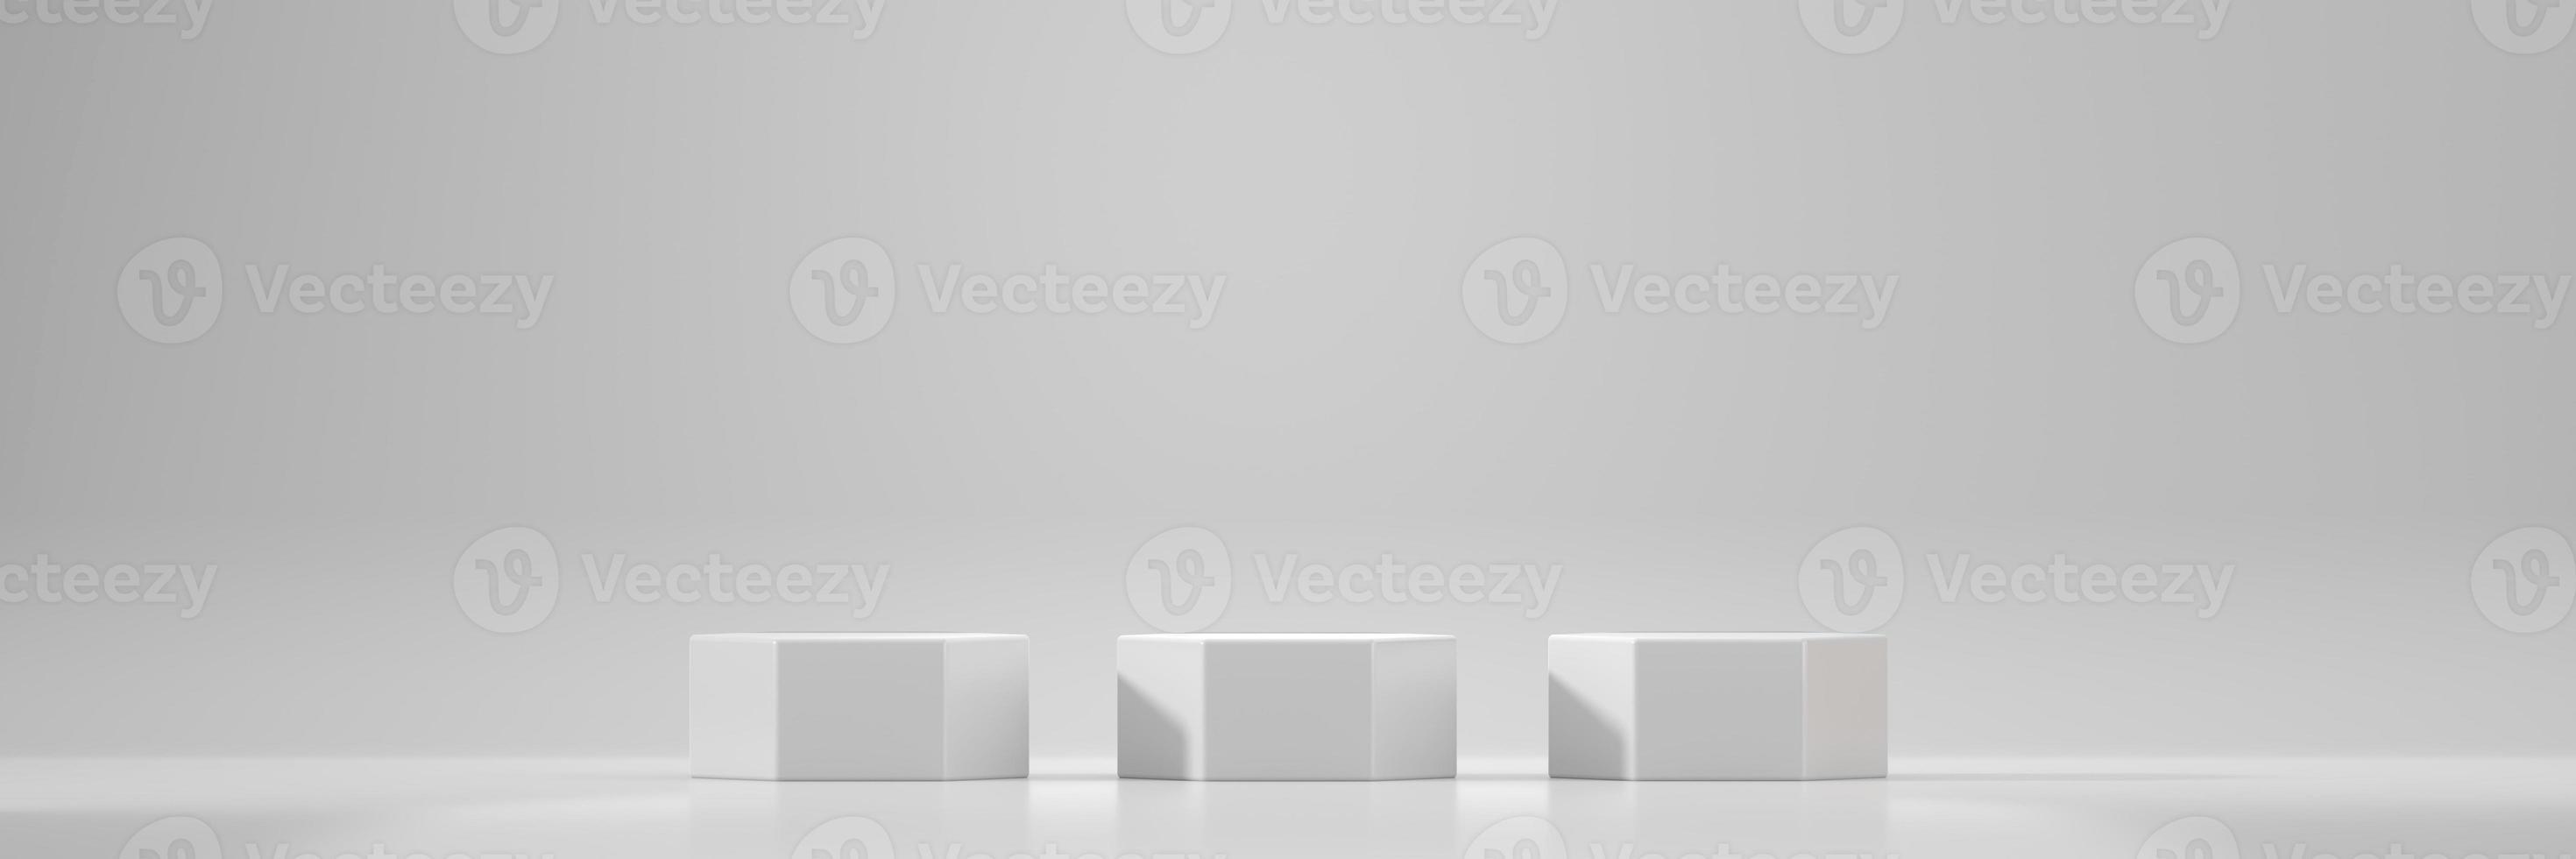 maqueta de plataforma de podio de escenario hexagonal blanco foto